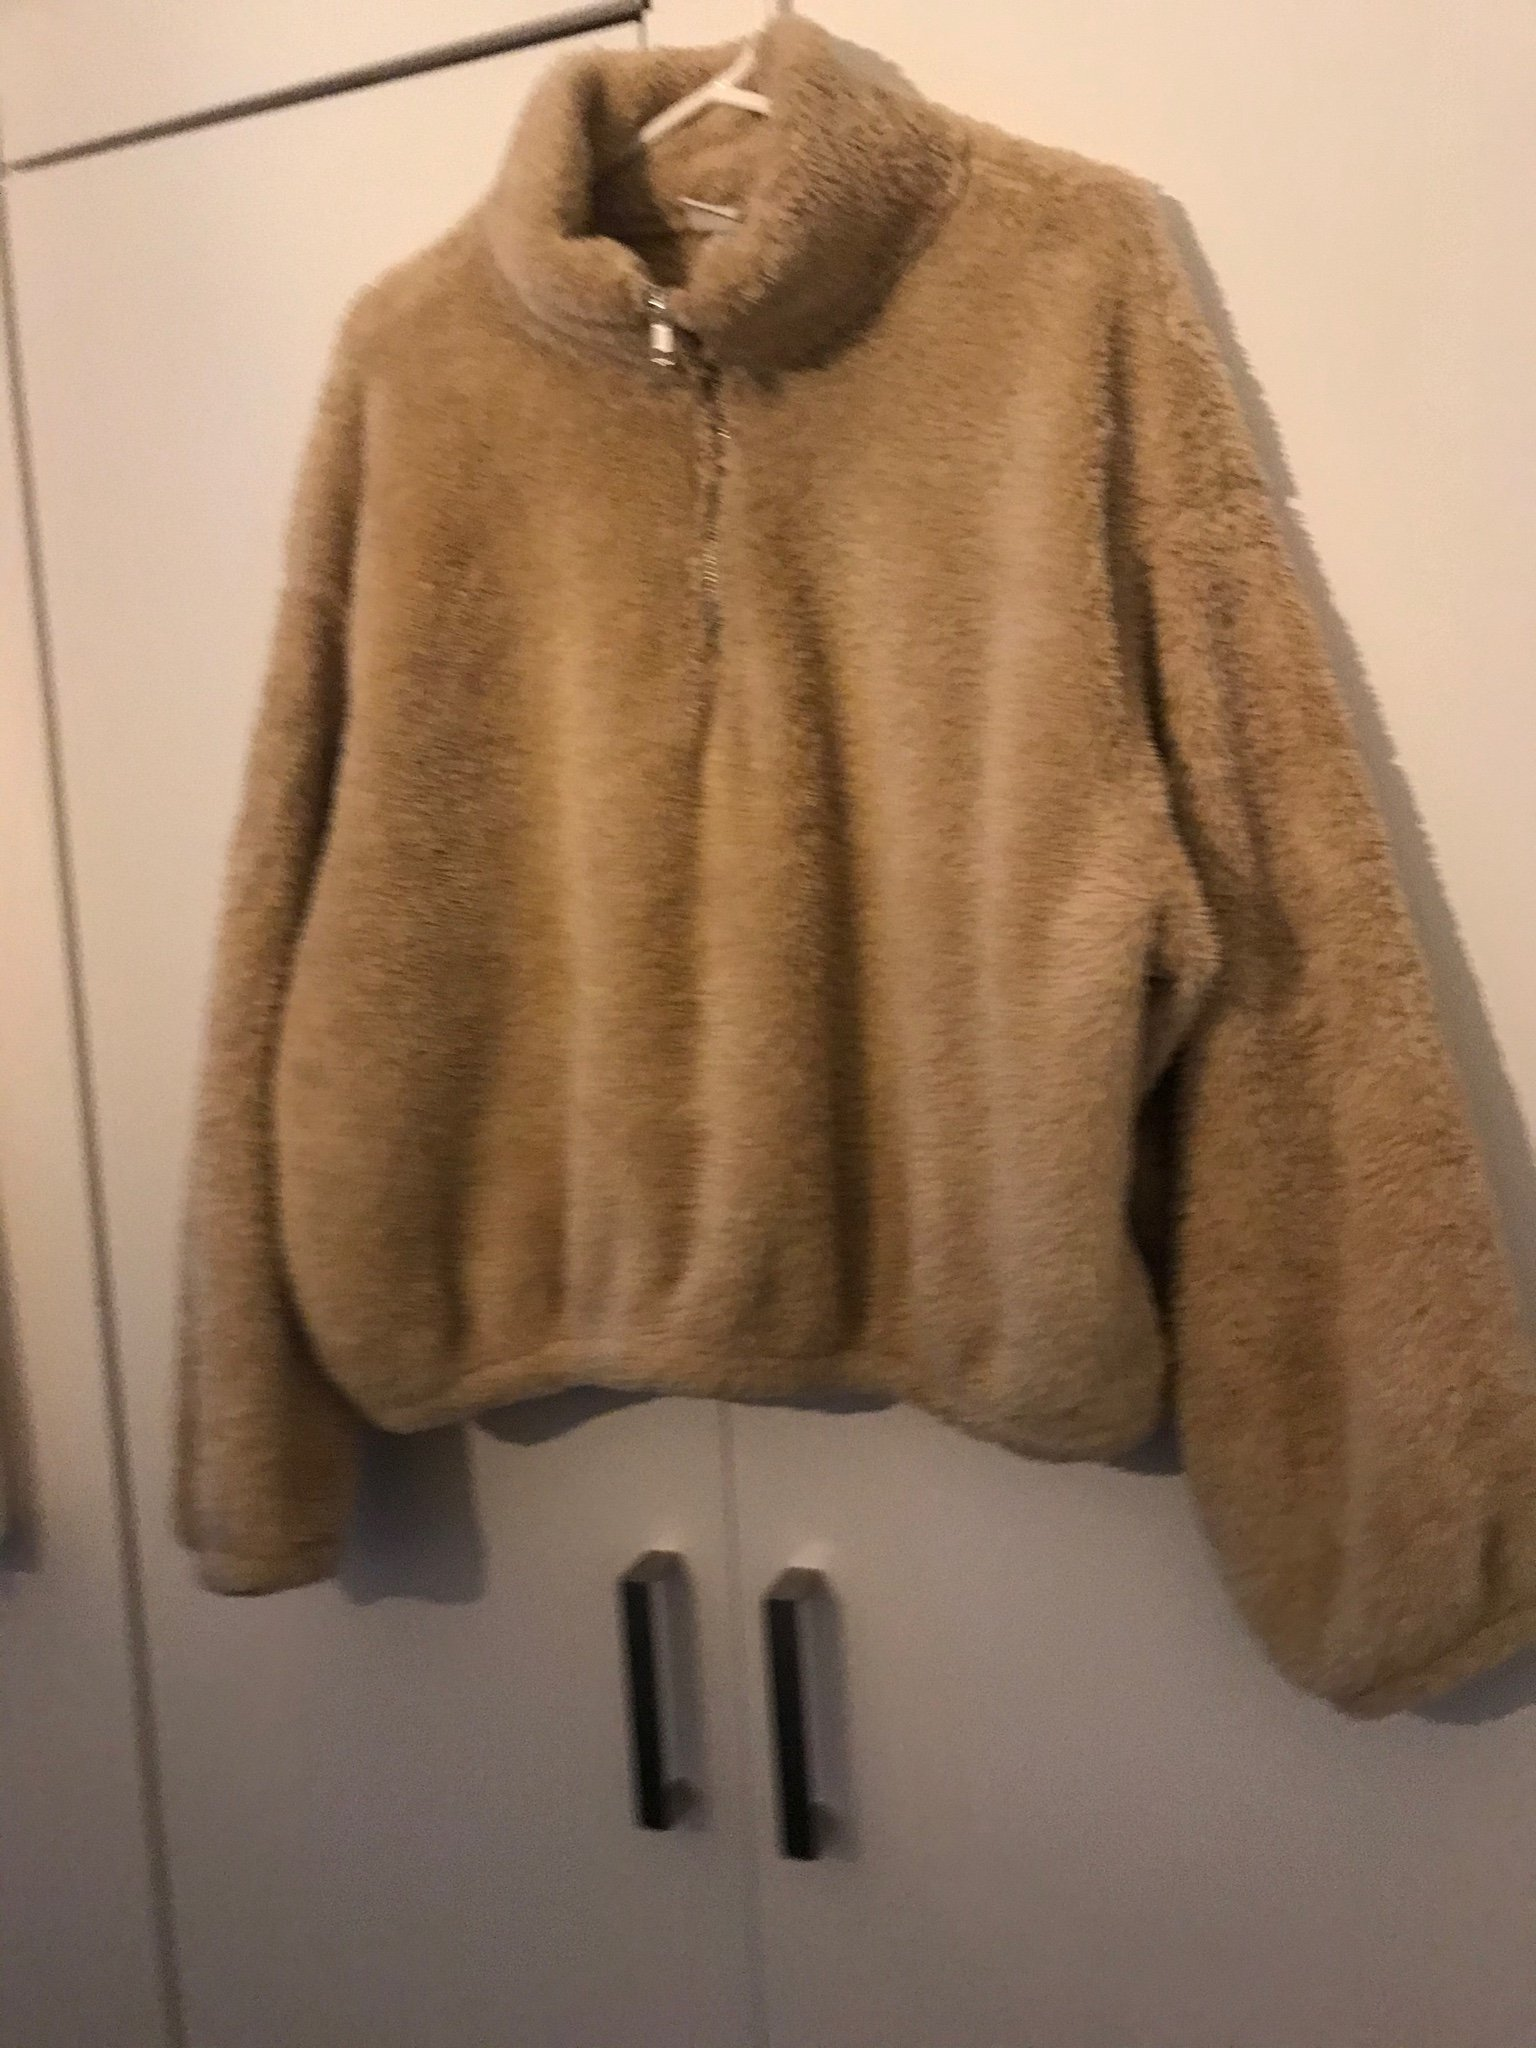 Populär Teddy tröja från hm. Storlek 38